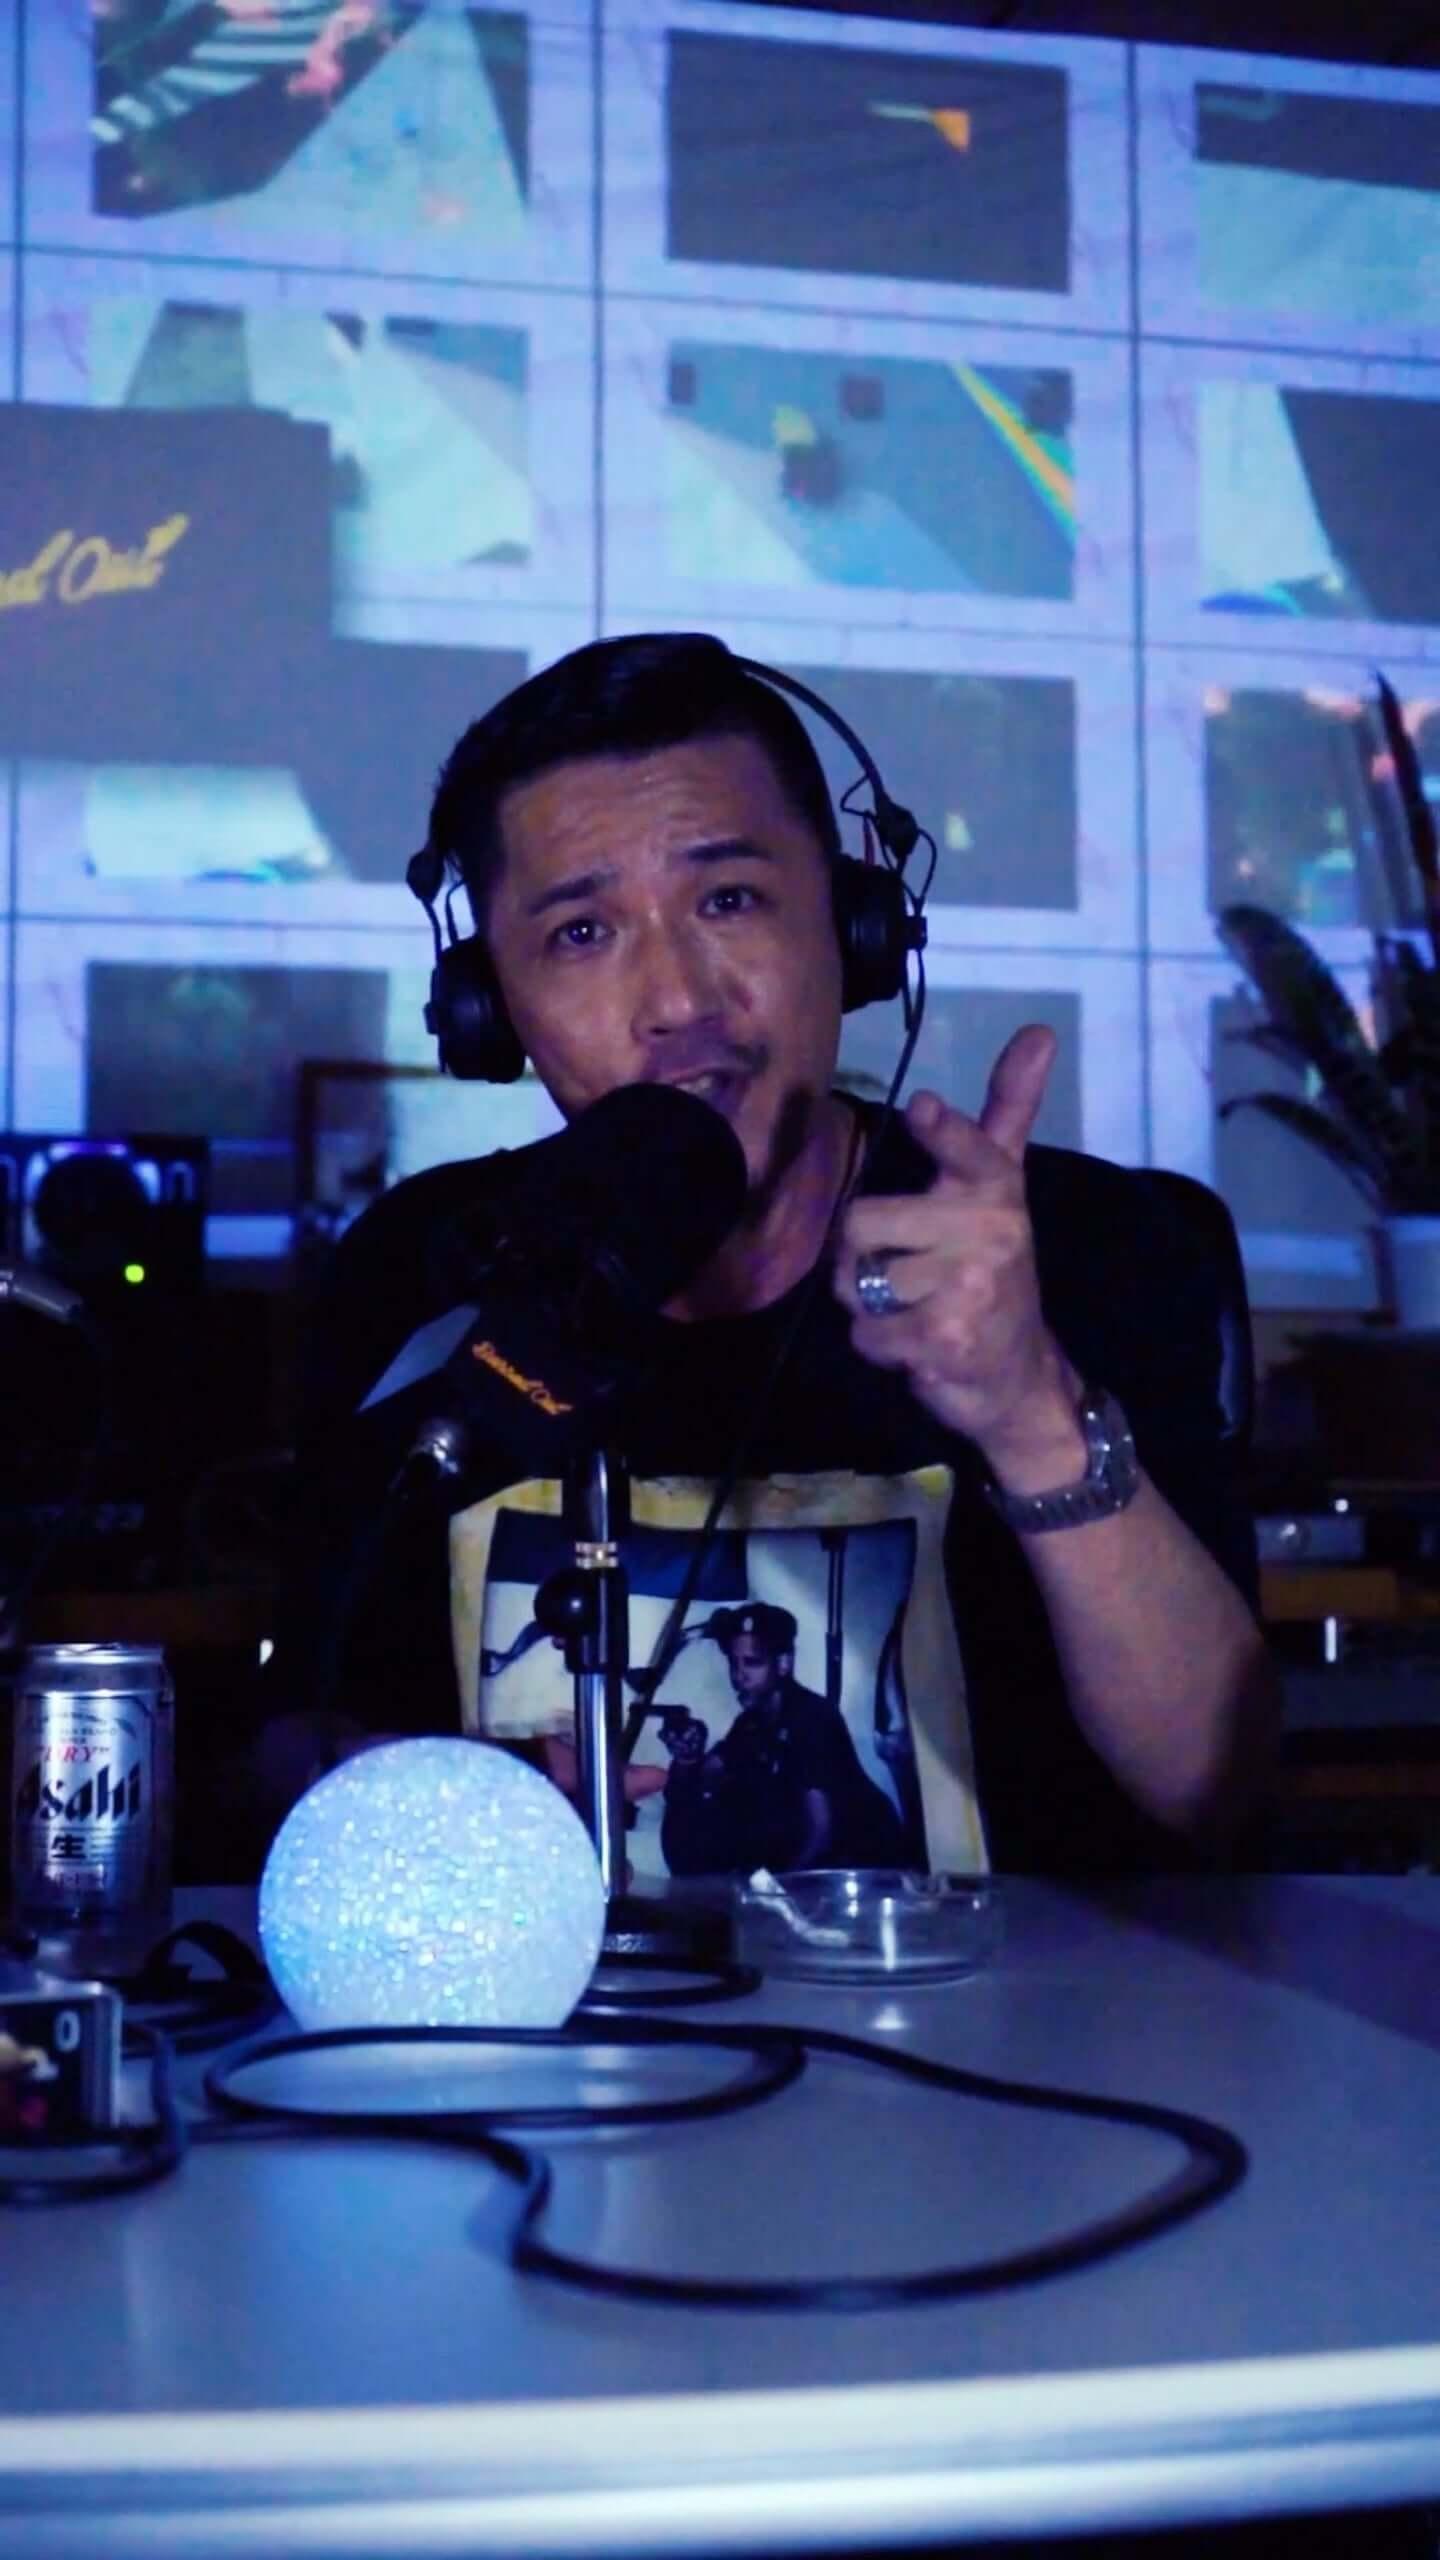 ミライがホストのYouTubeチャンネル「Barred Out Freestyle」がスタート|Zeebra、Jin Doggがゲストでフリースタイルを披露! music191217_barredout_04-1440x2560